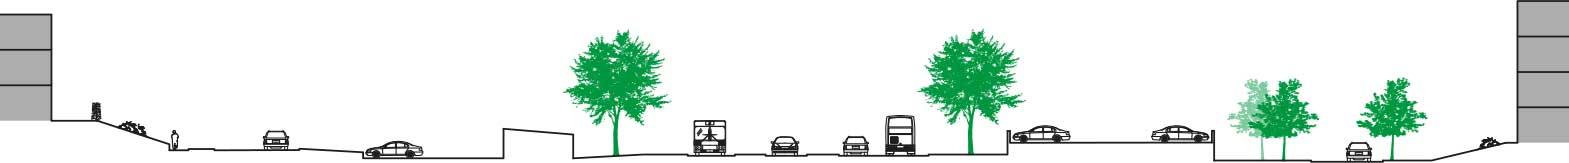 Före planerad bebyggelse av Litteraturgatan